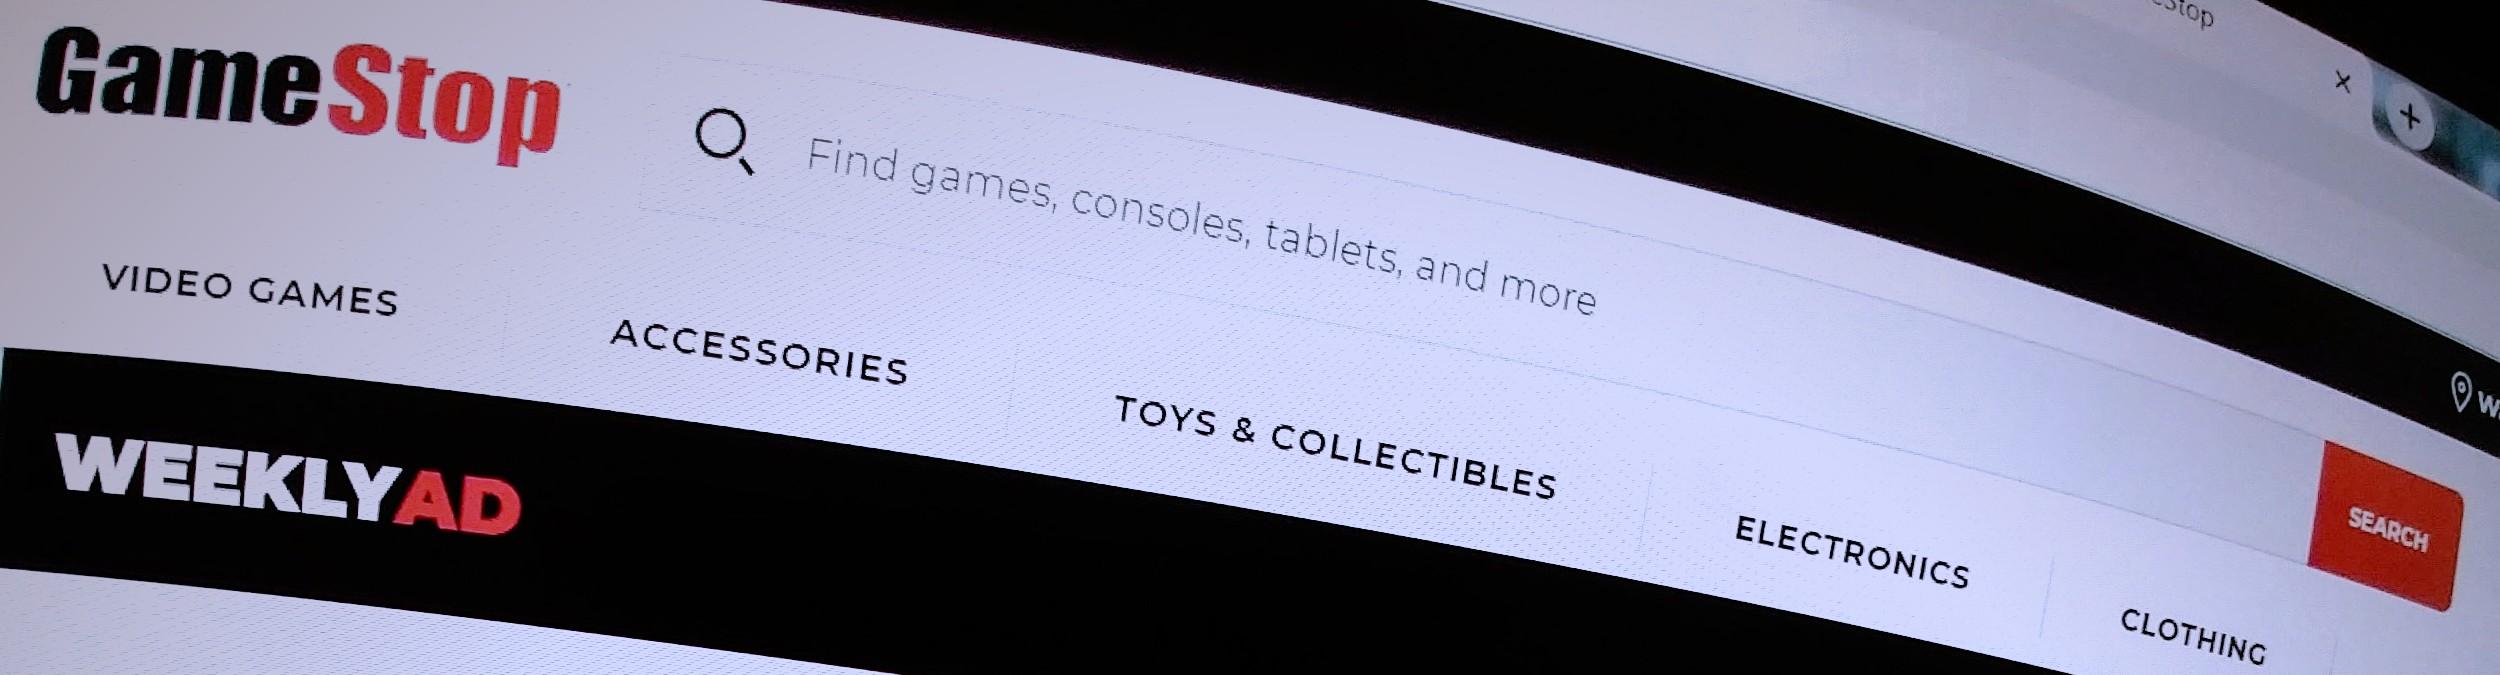 GameStop online